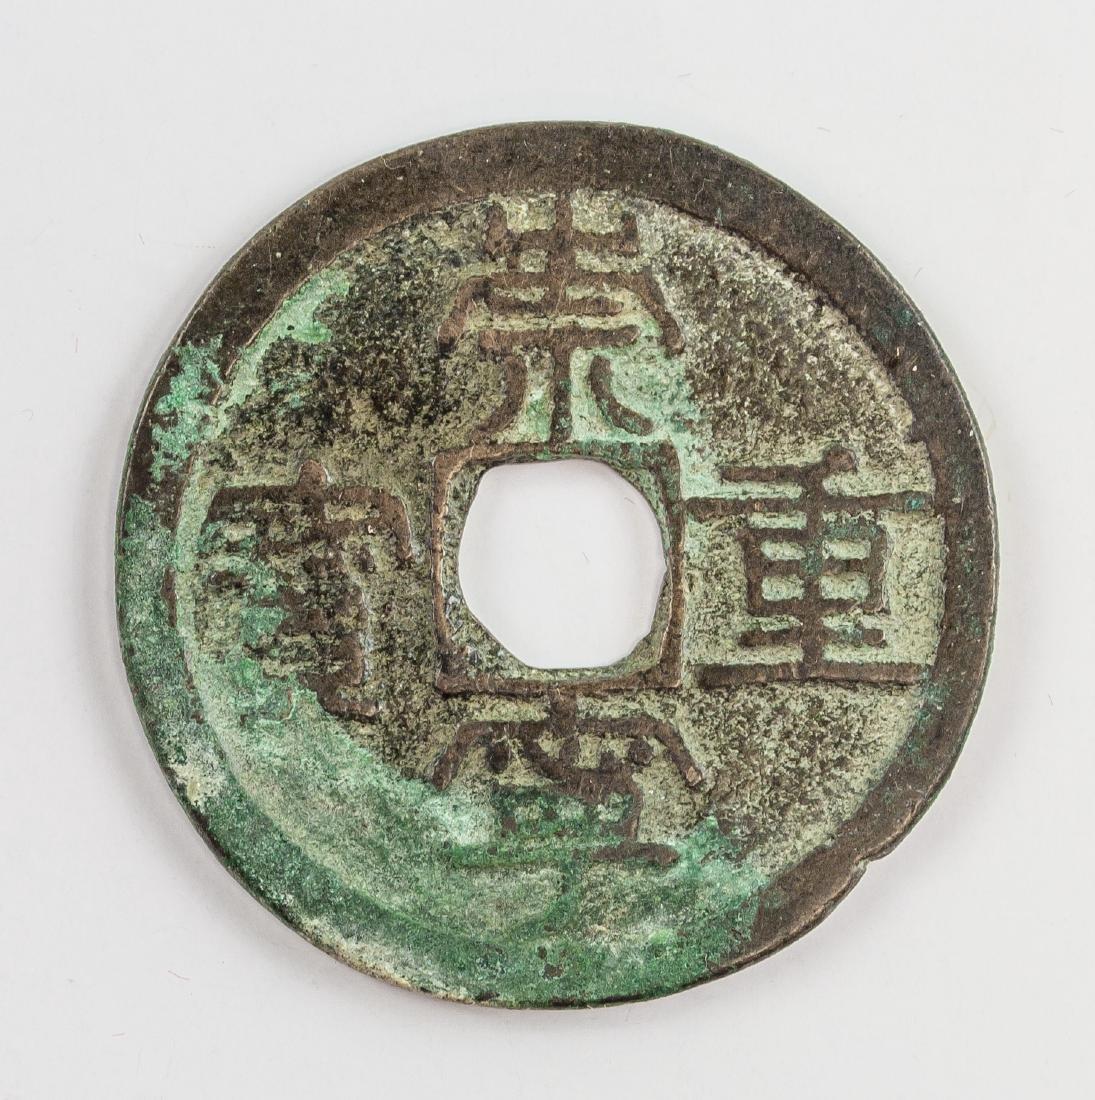 1101-1125 China Northern Song Chongning Zhongbao